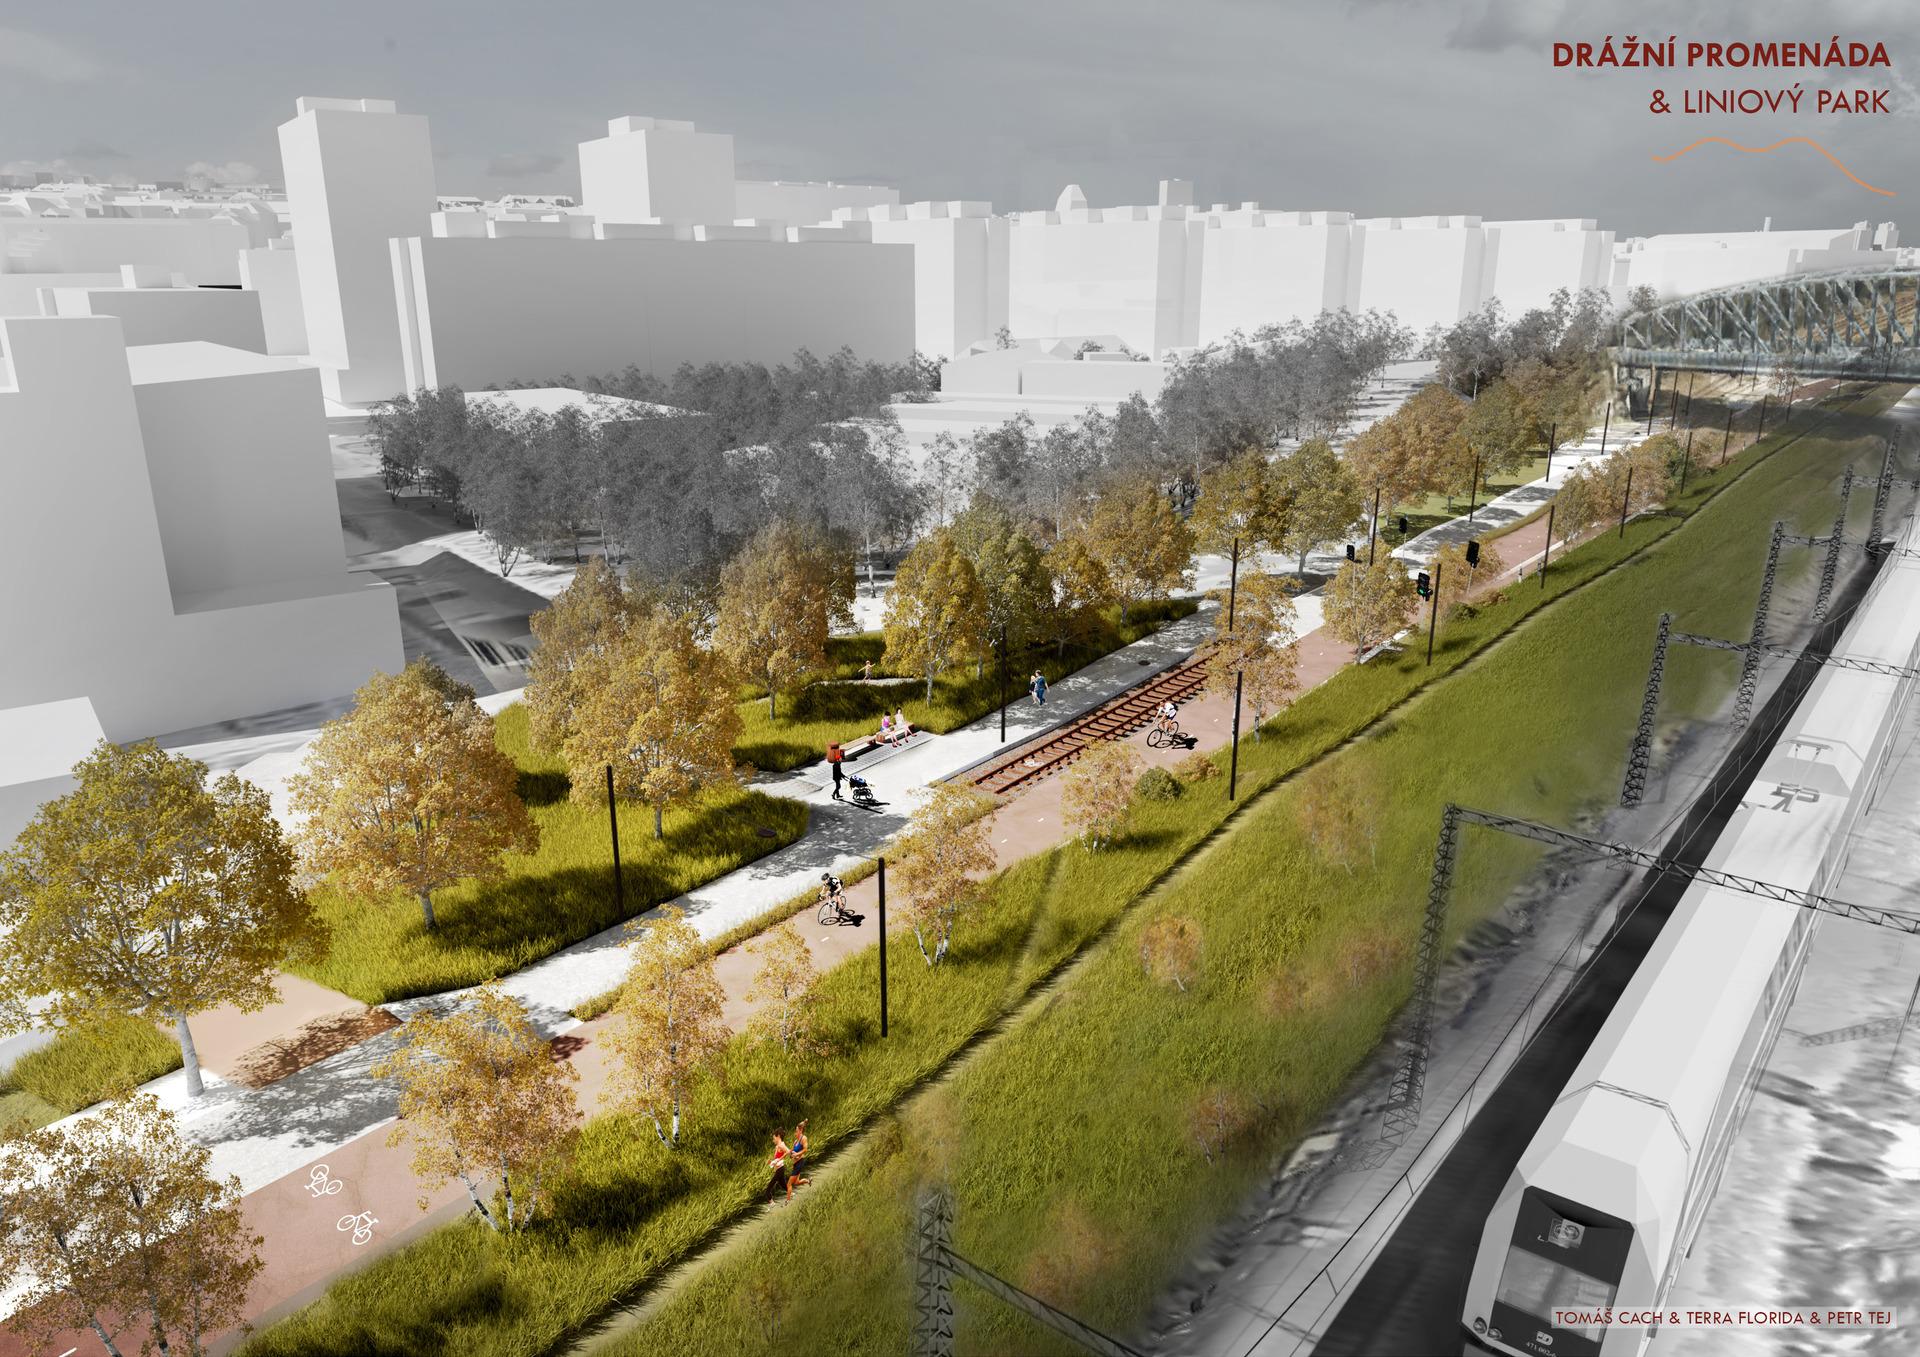 Drazni-promenada-a-liniovy-park_cach_terra florida_tej.jpg